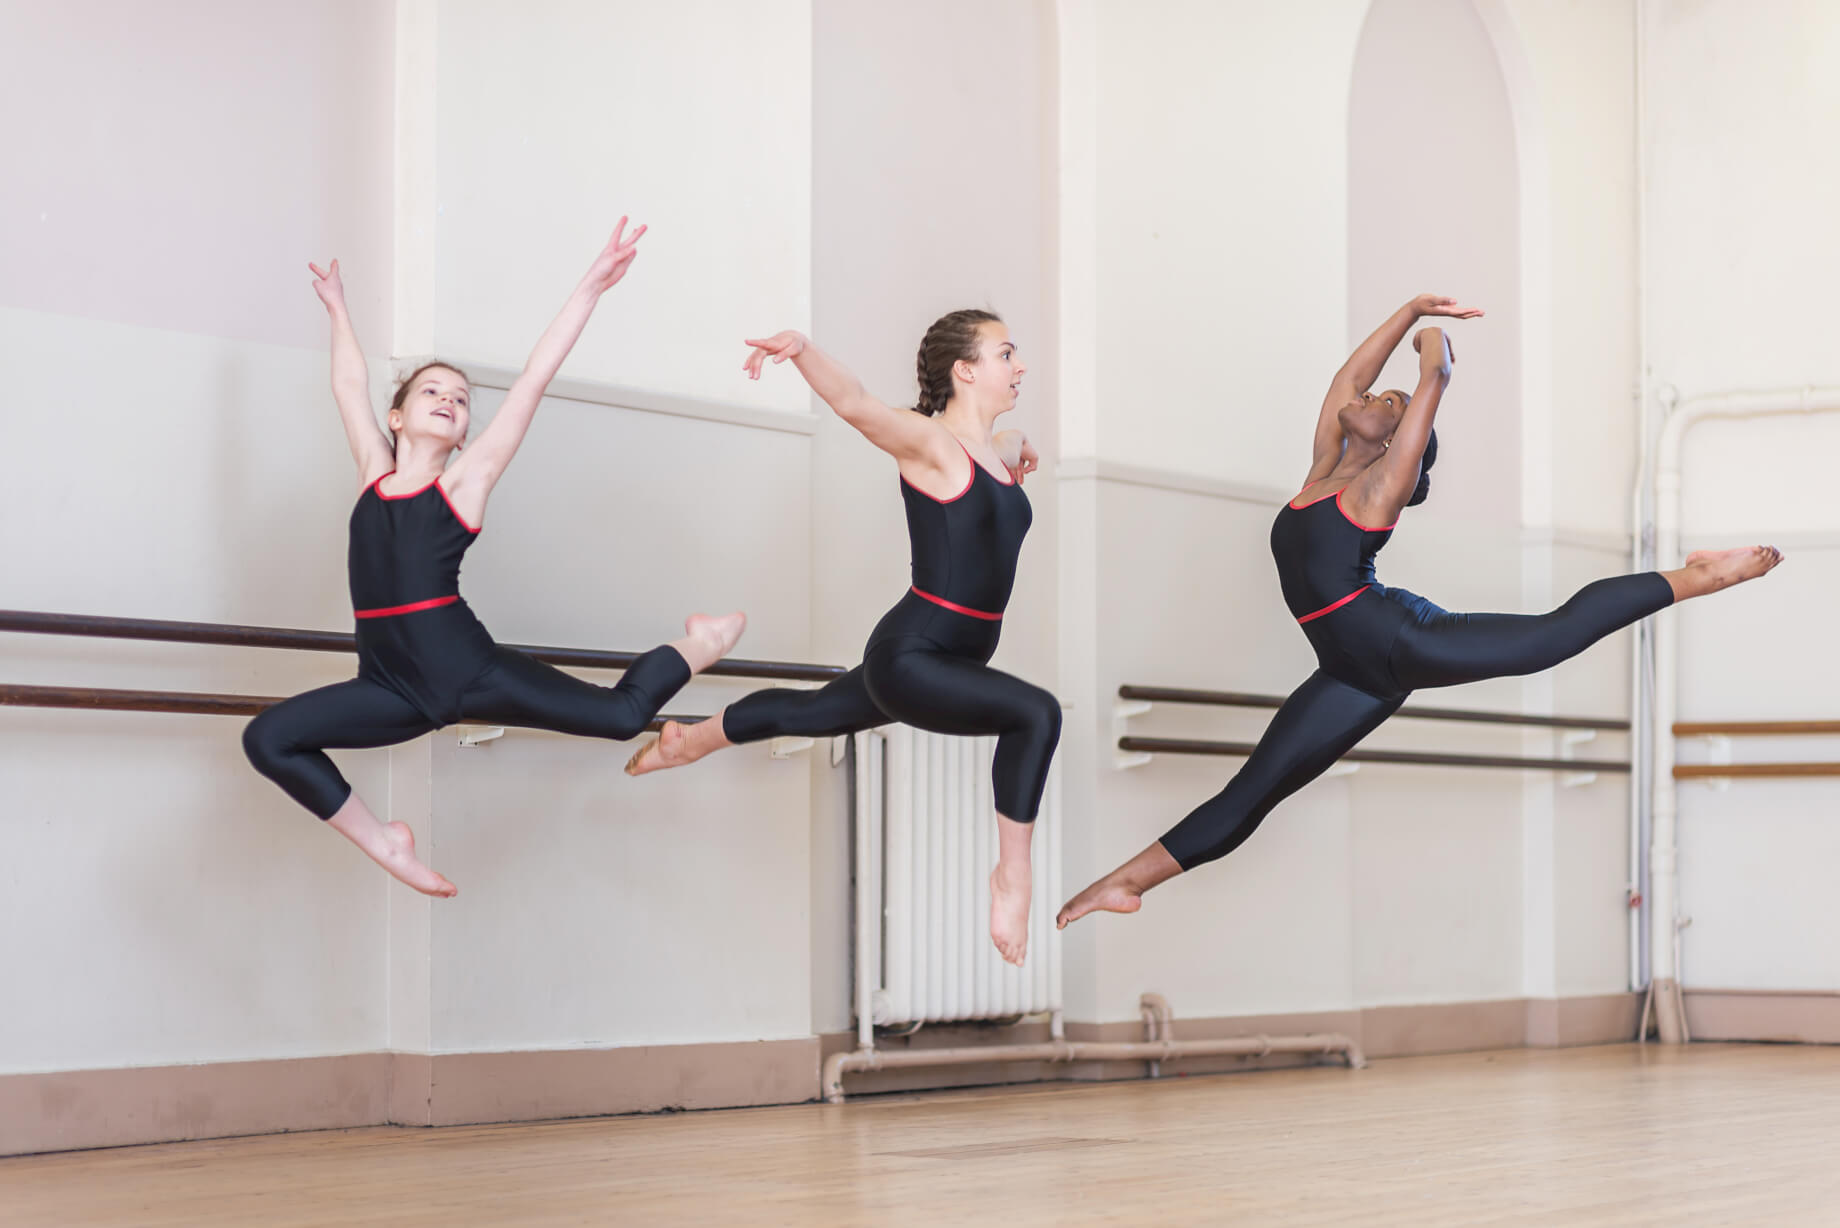 leap-in-the-air-modern-dance-girls-class-rnsd-rutleigh-norris-school-of-dance.jpg